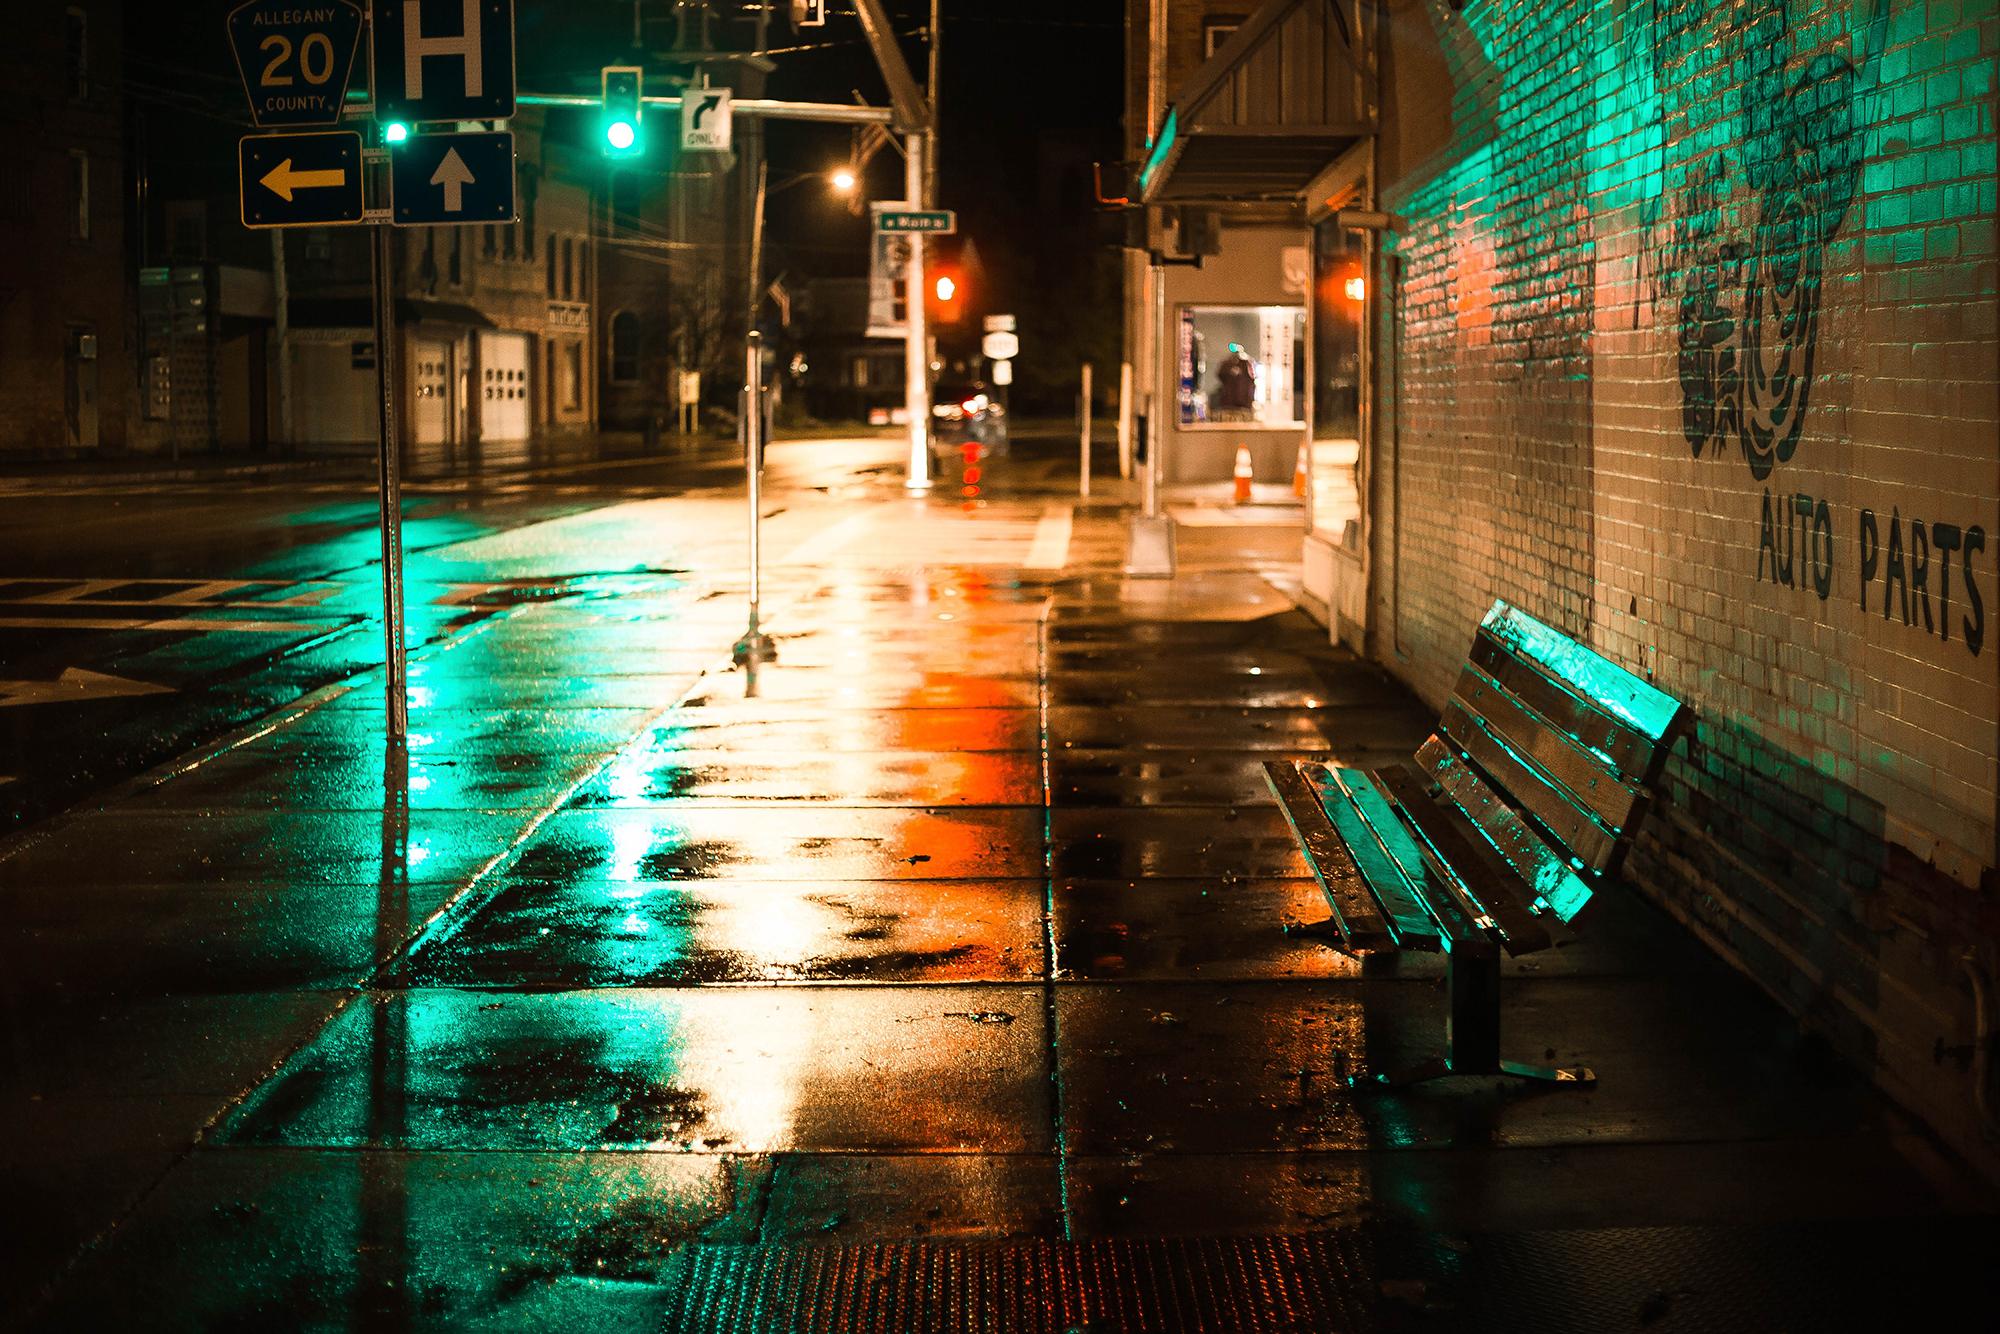 Neon Street